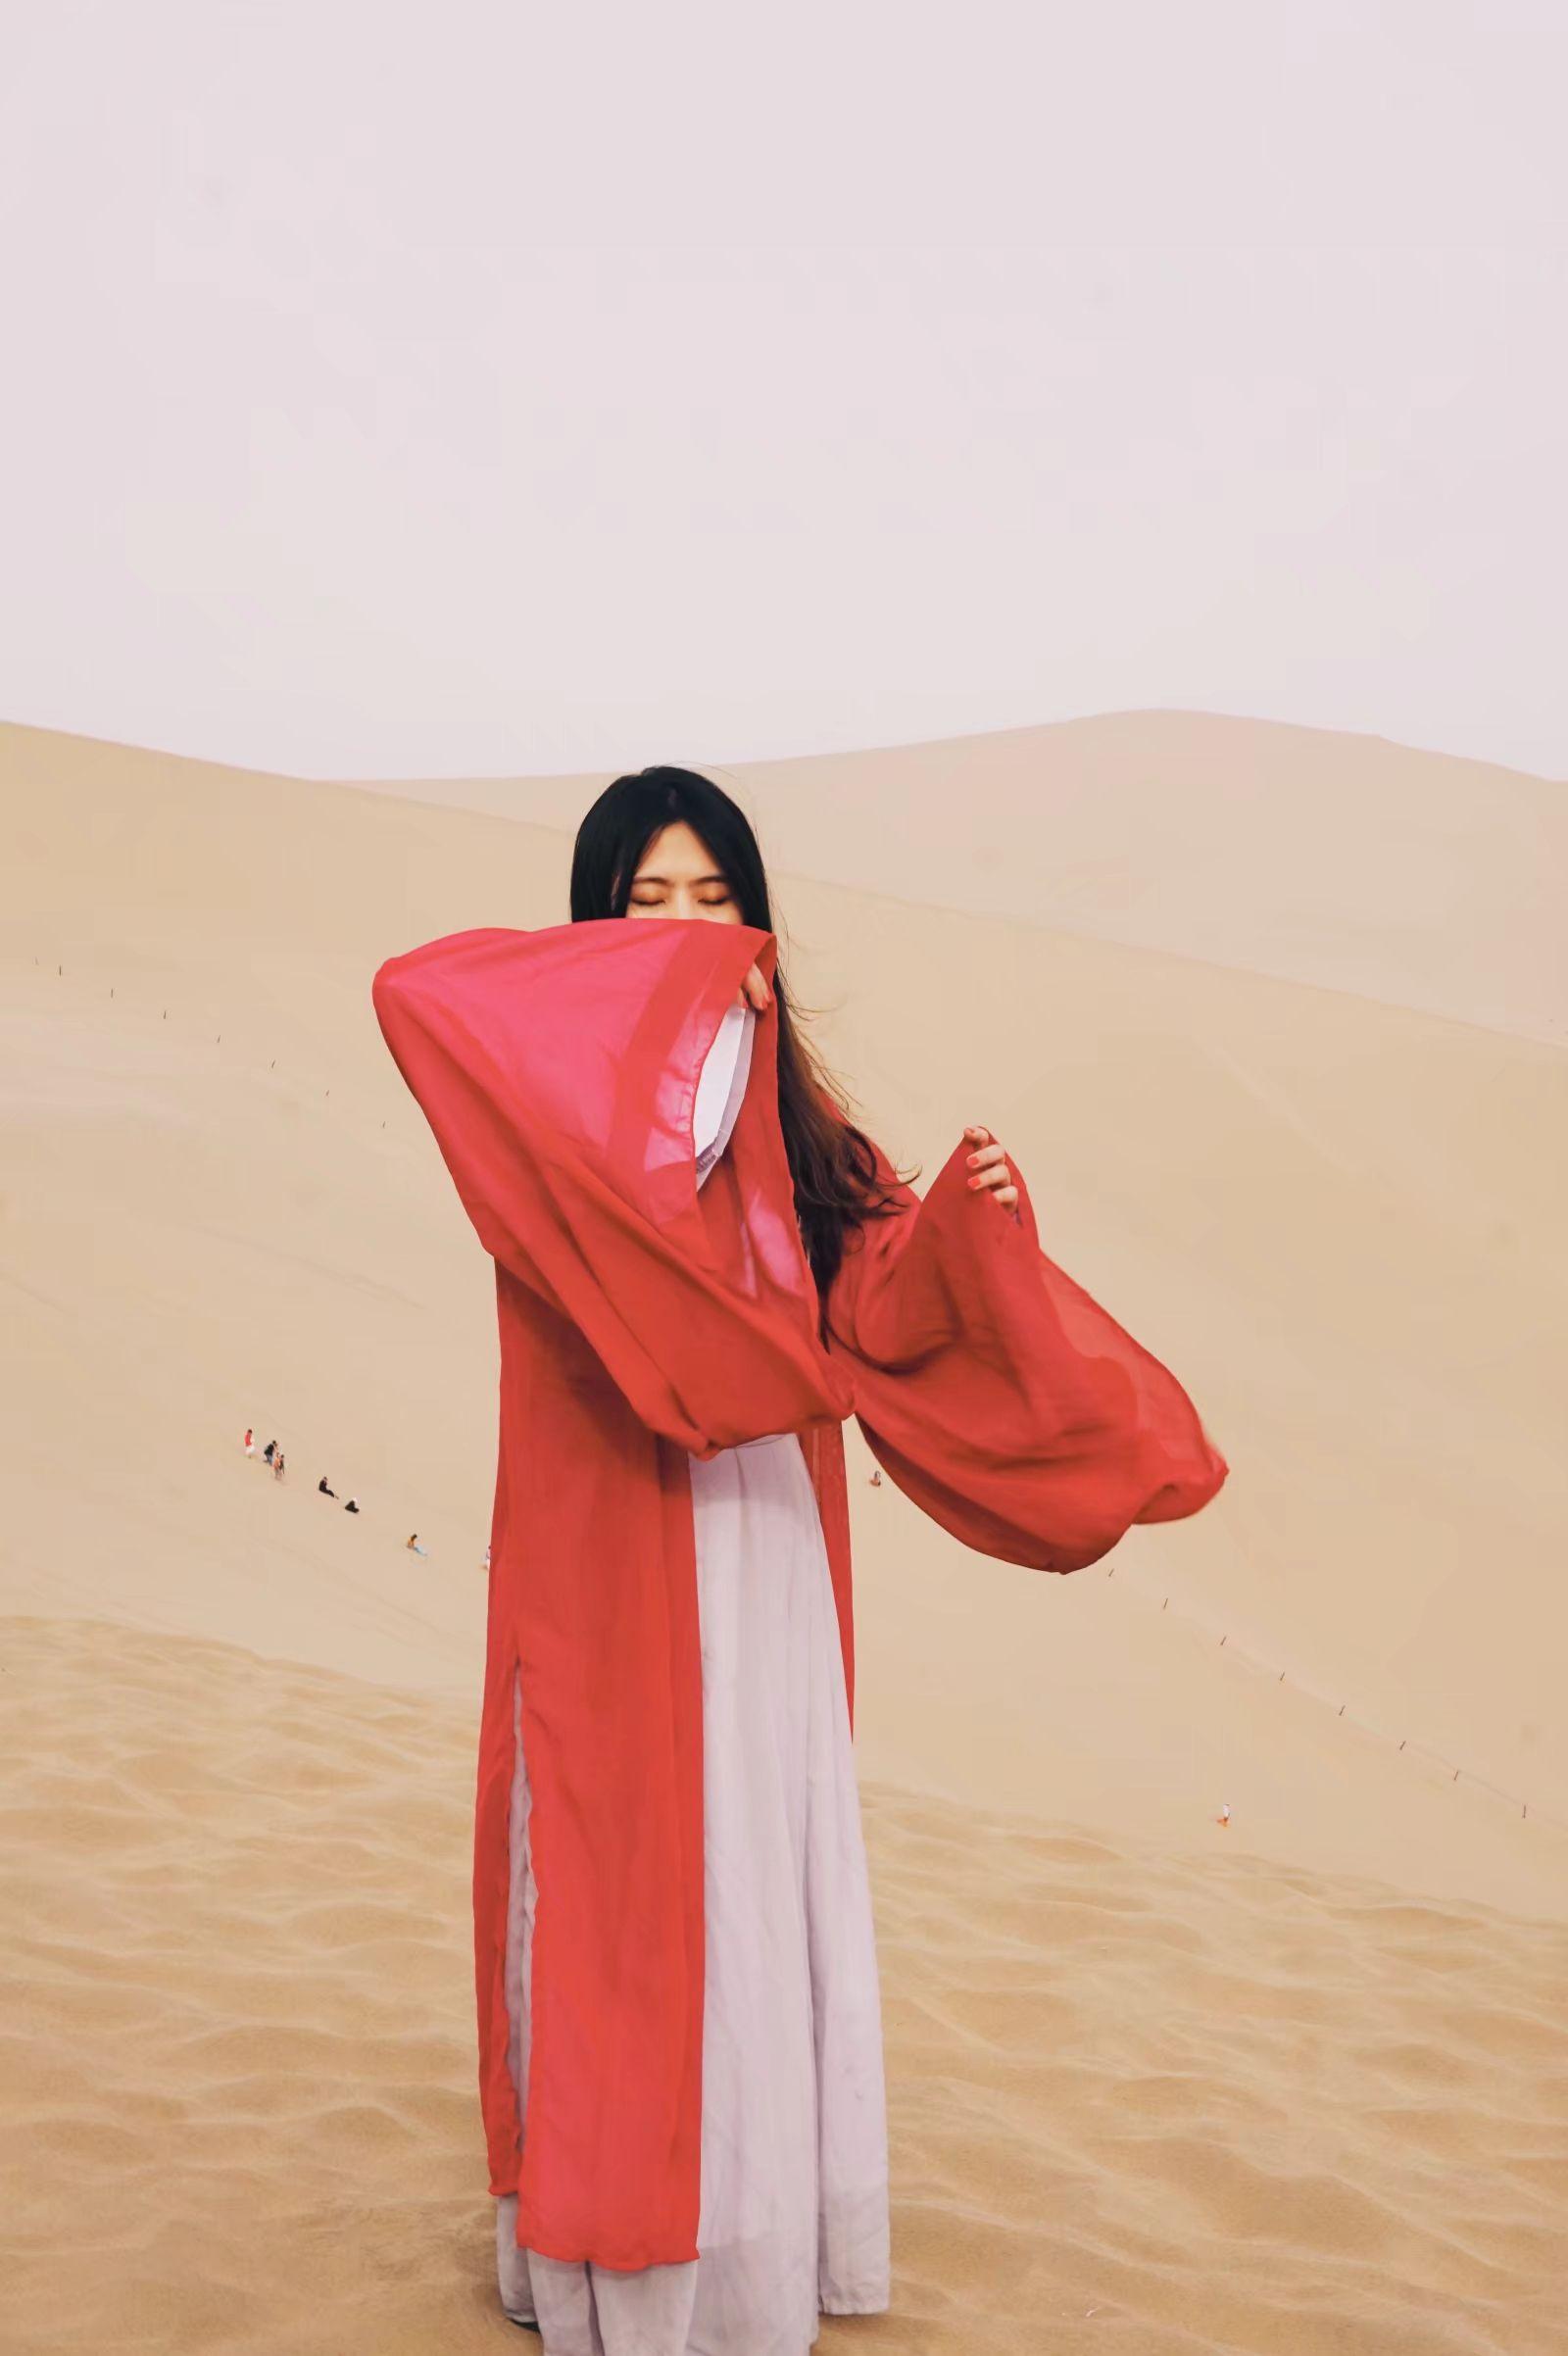 甘青│到远方去,到那个山野苍茫的远方,熟悉的地方没有景色